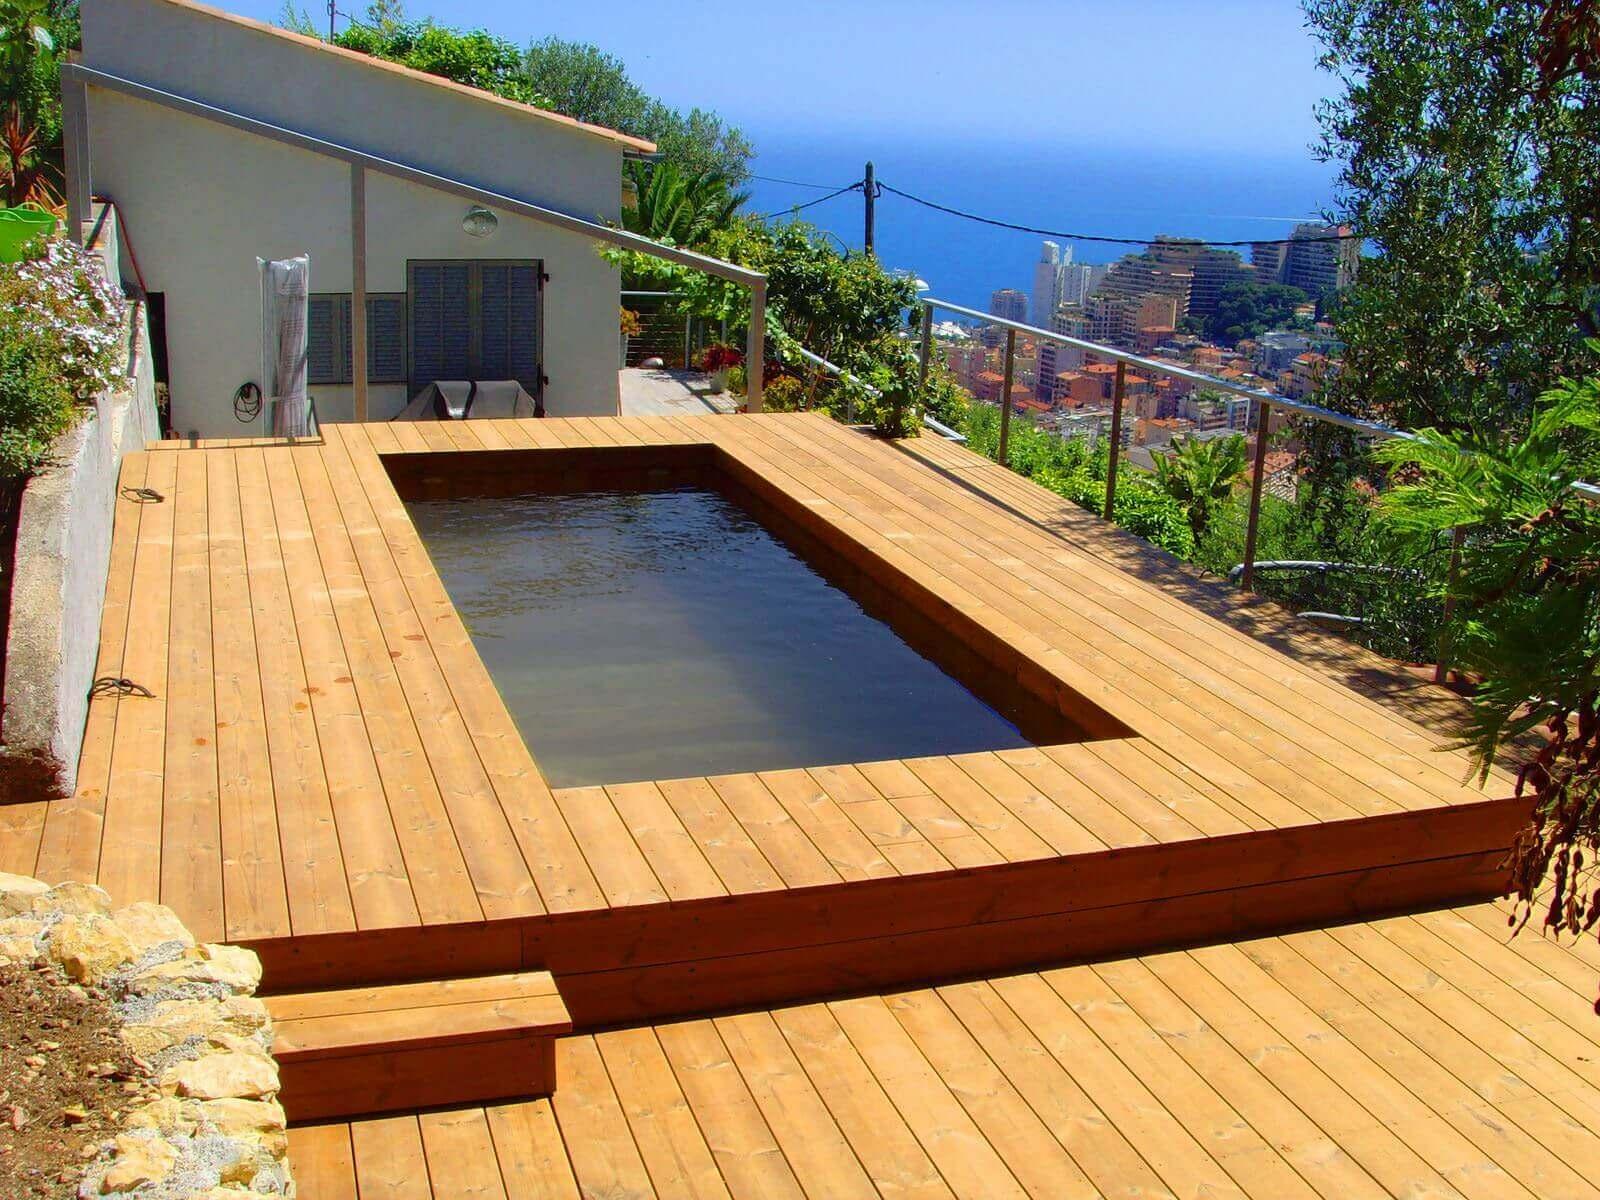 Fabricant piscine et jacuzzi spa sur mesure 100 bois for Liner sur mesure pas cher pour piscine